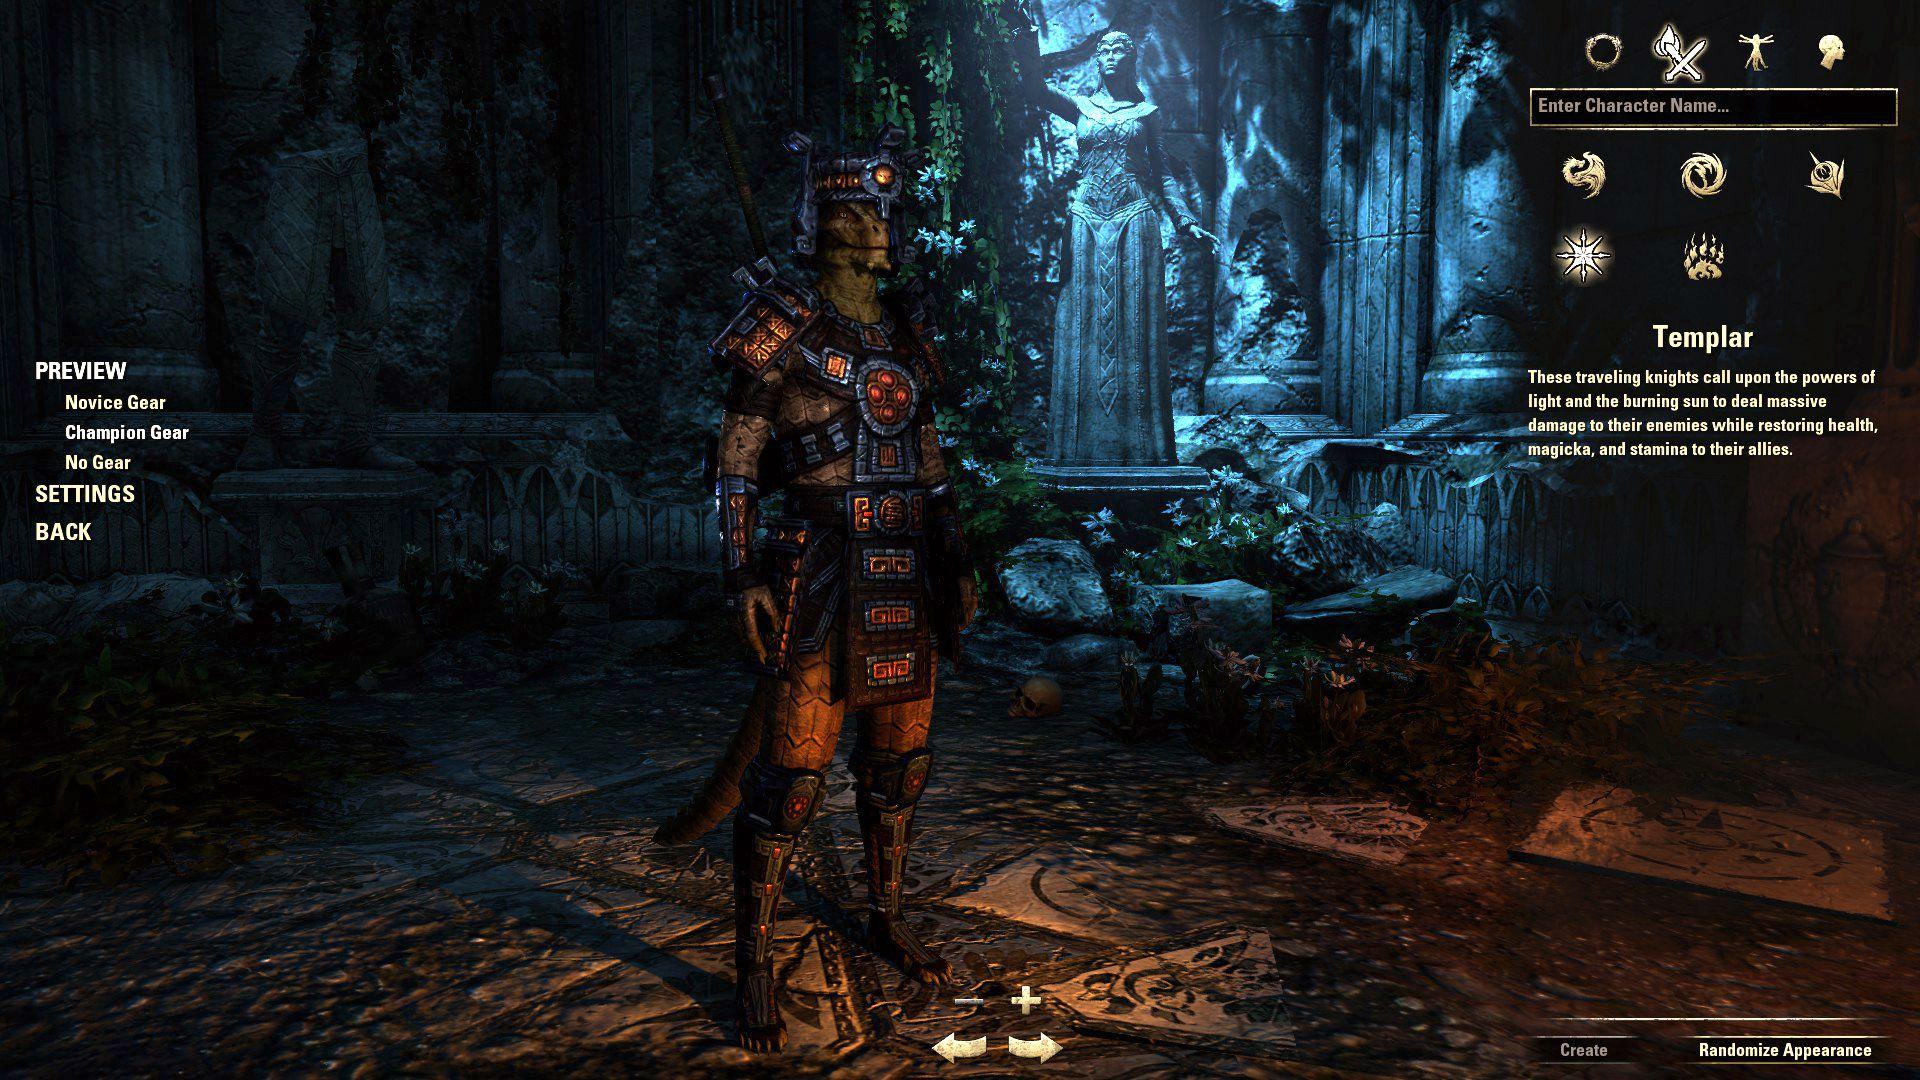 Templar, The Elder Scrolls Online Class